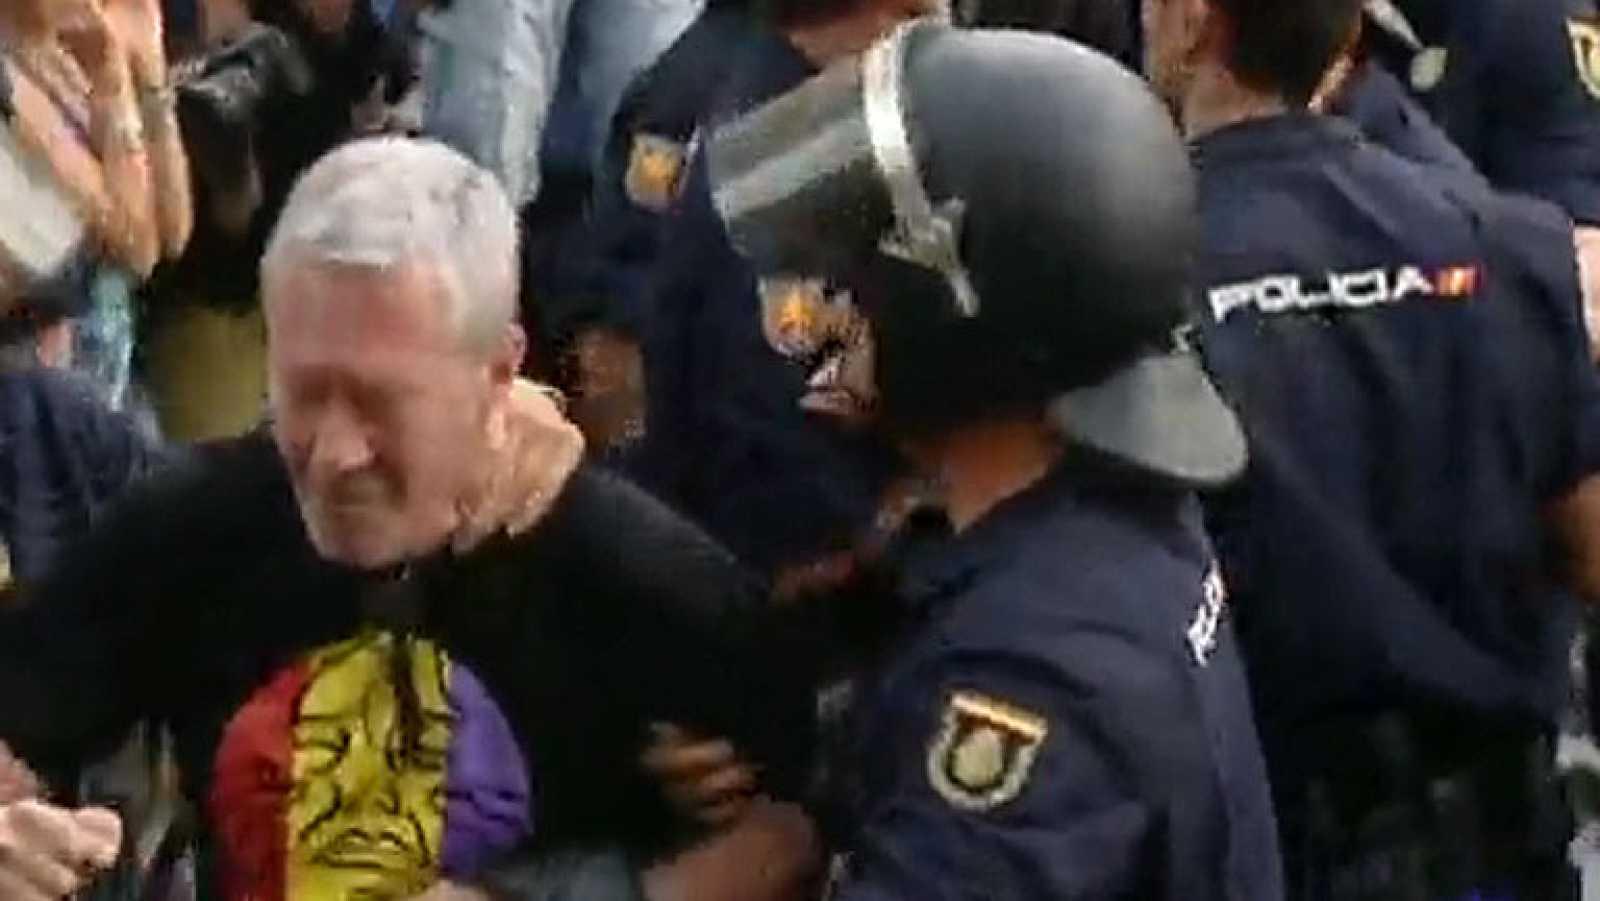 Nueve detenidos en Madrid, entre ellos Jorge Verstrynge, en manifestaciones republicanas tras la proclamación